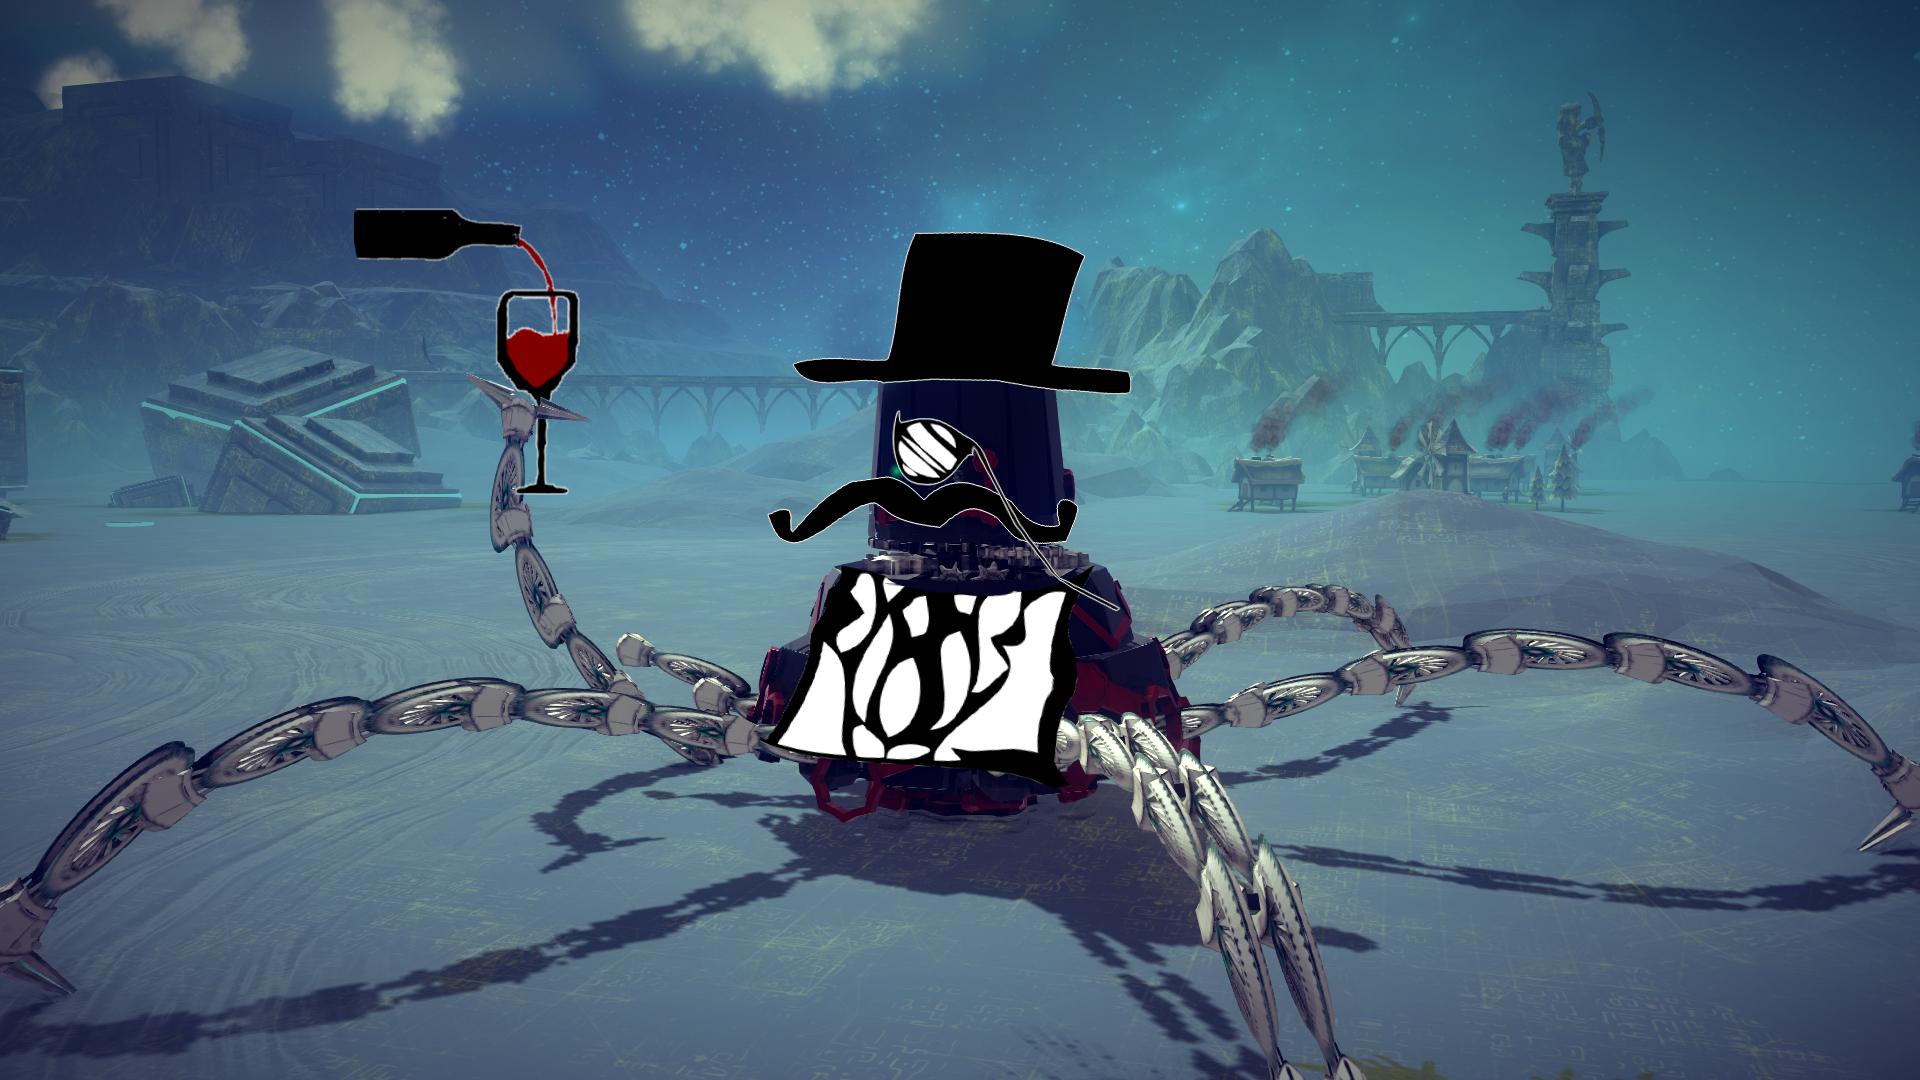 Steam Workshop :: Guardian Stalker (Zelda BotW) - [Drako, Draegast'd]